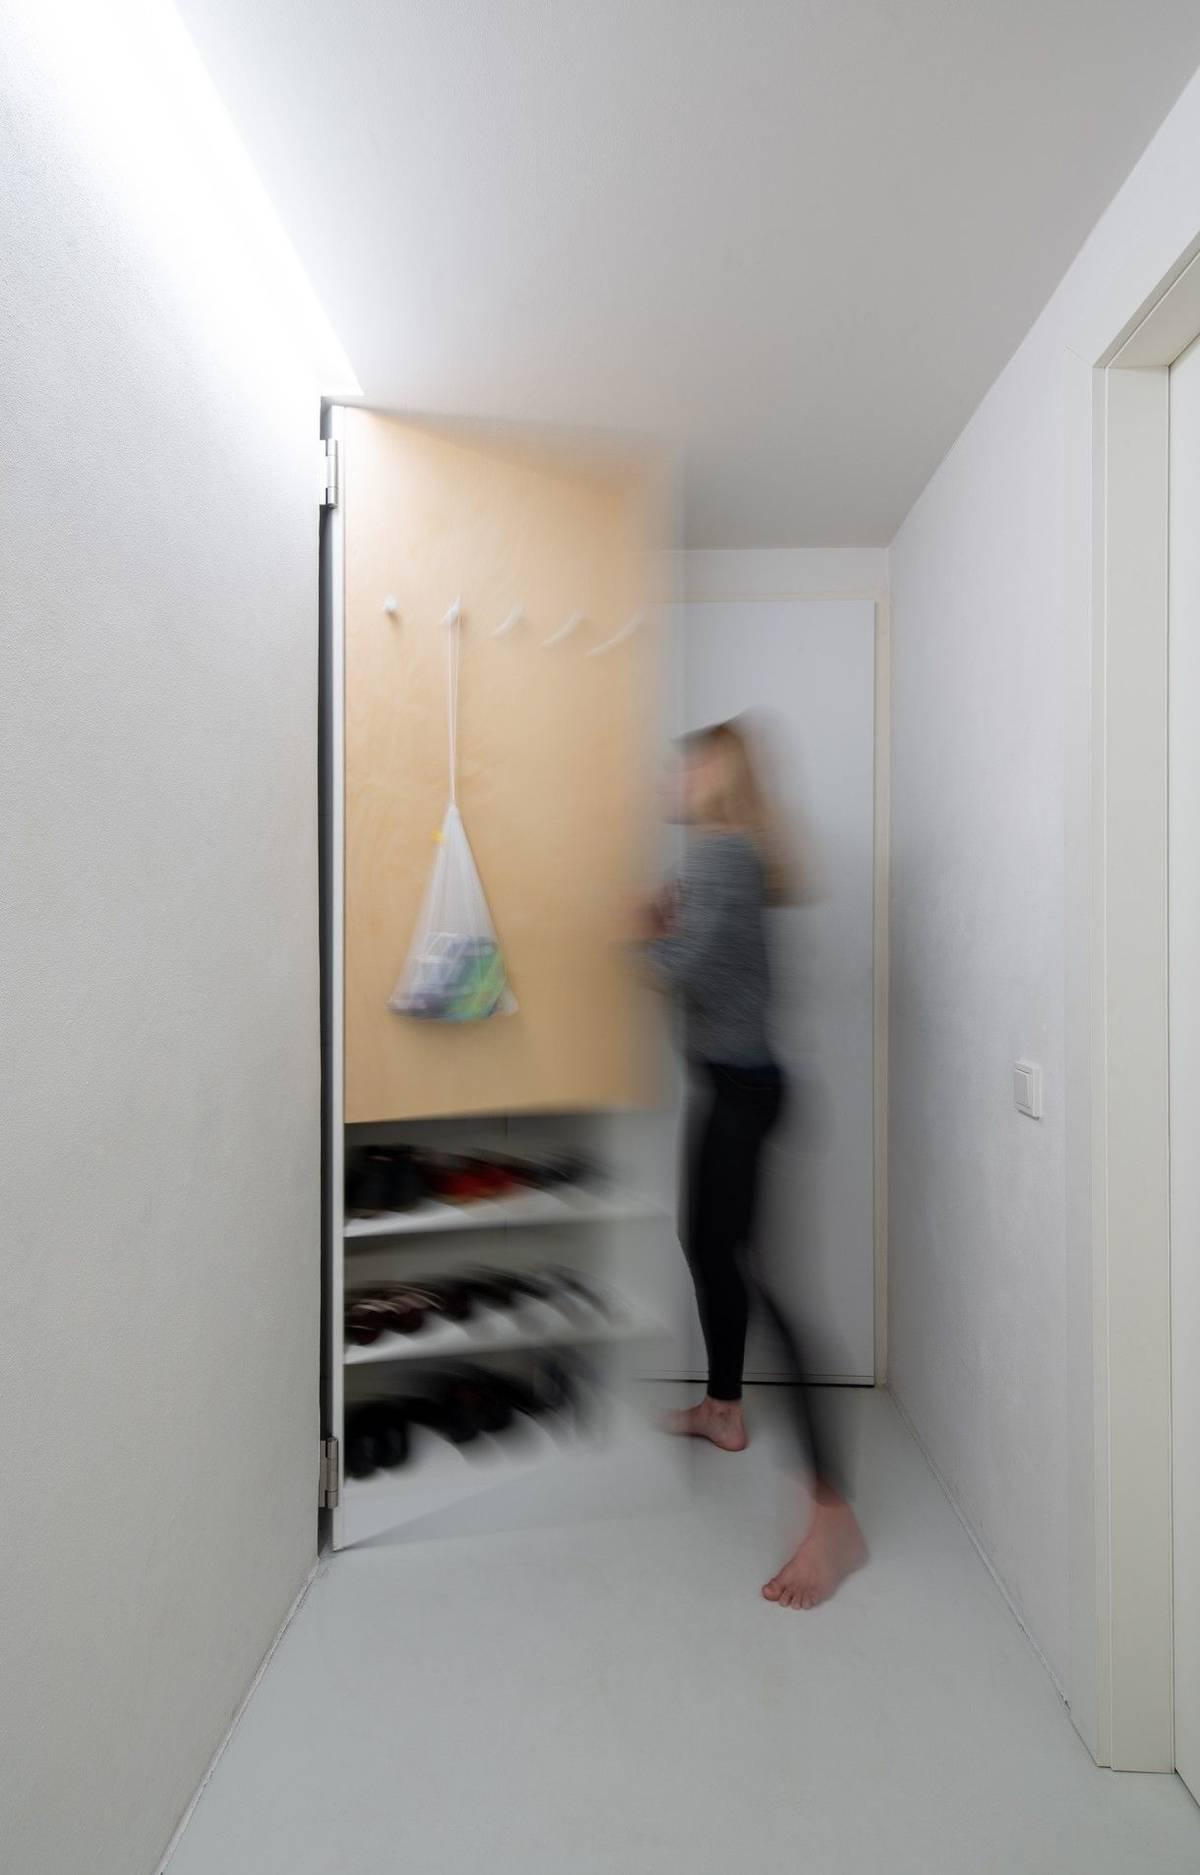 """""""Snažili jsme se do prostoru co nejefektivněji vměstnat úložné prostory pro plnohodnotné bydlení."""""""